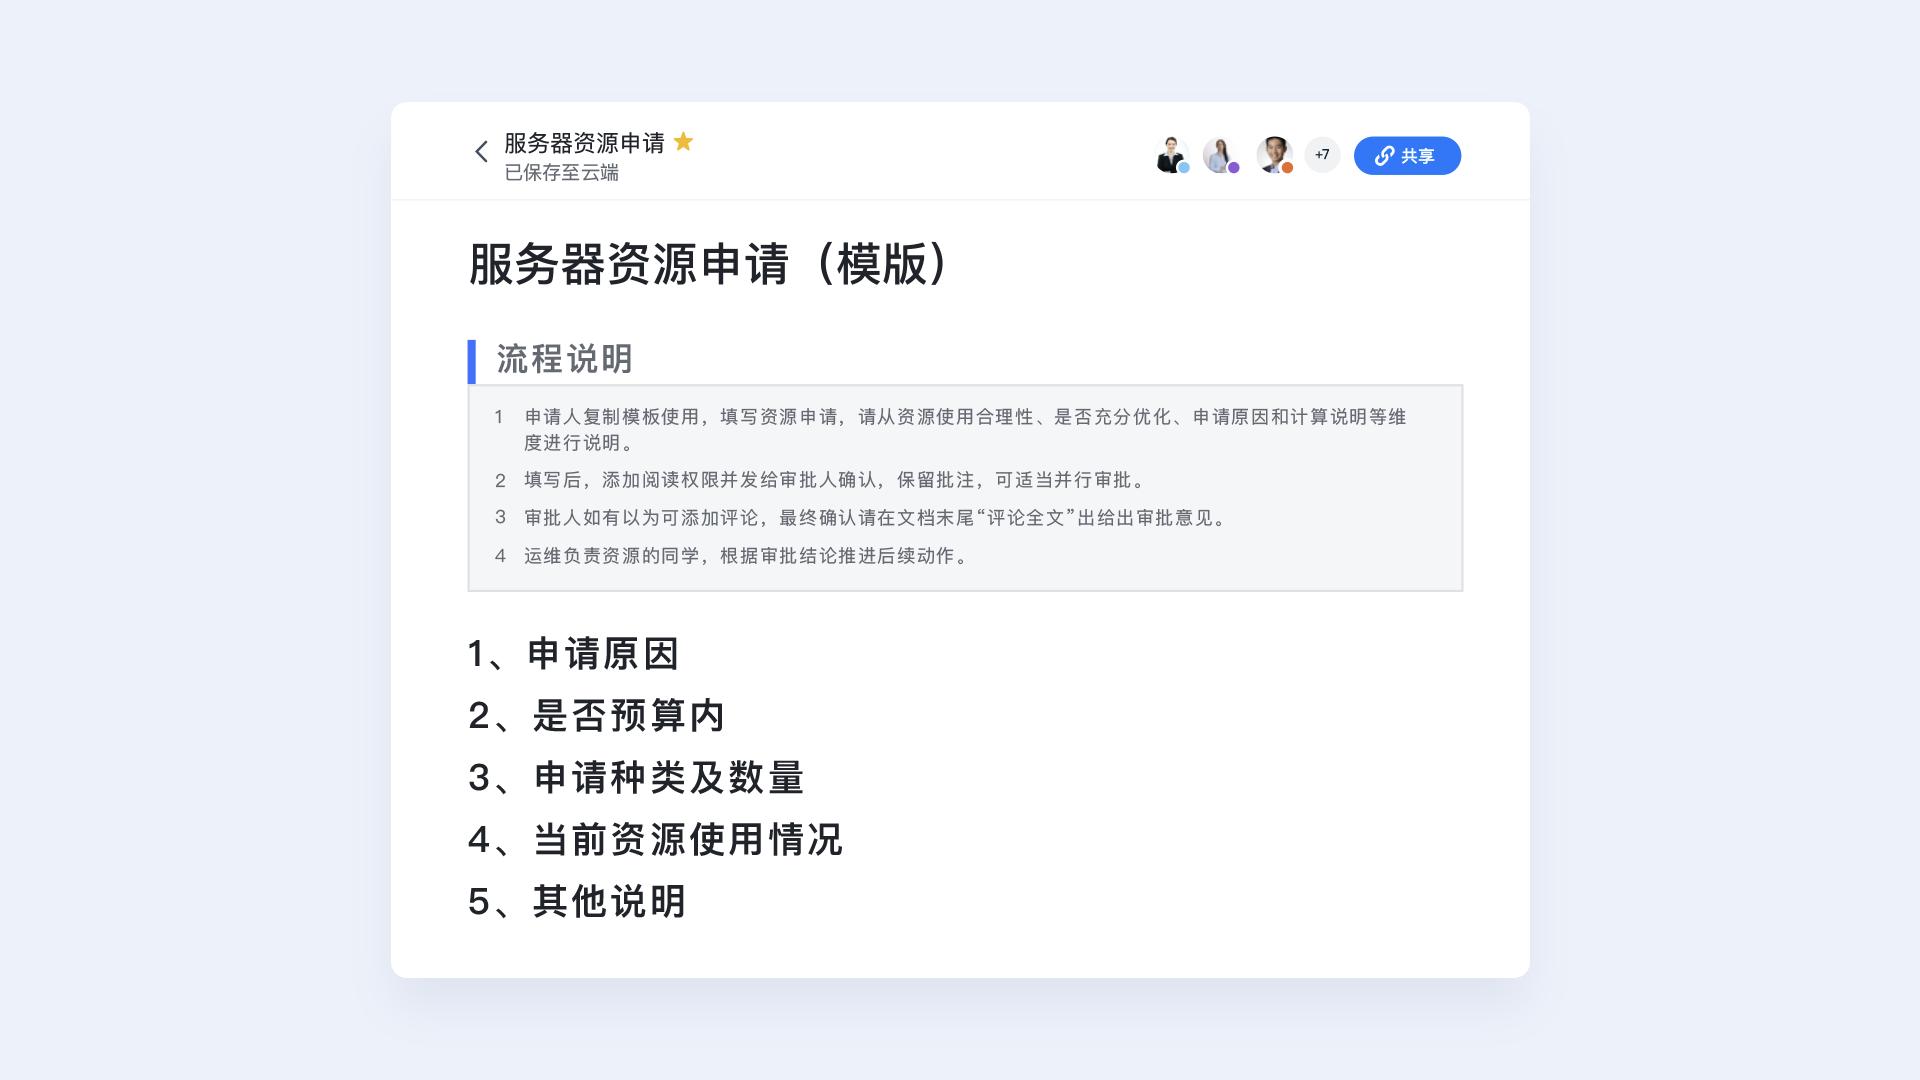 美菜网:飞书全面提升信息化建设效率